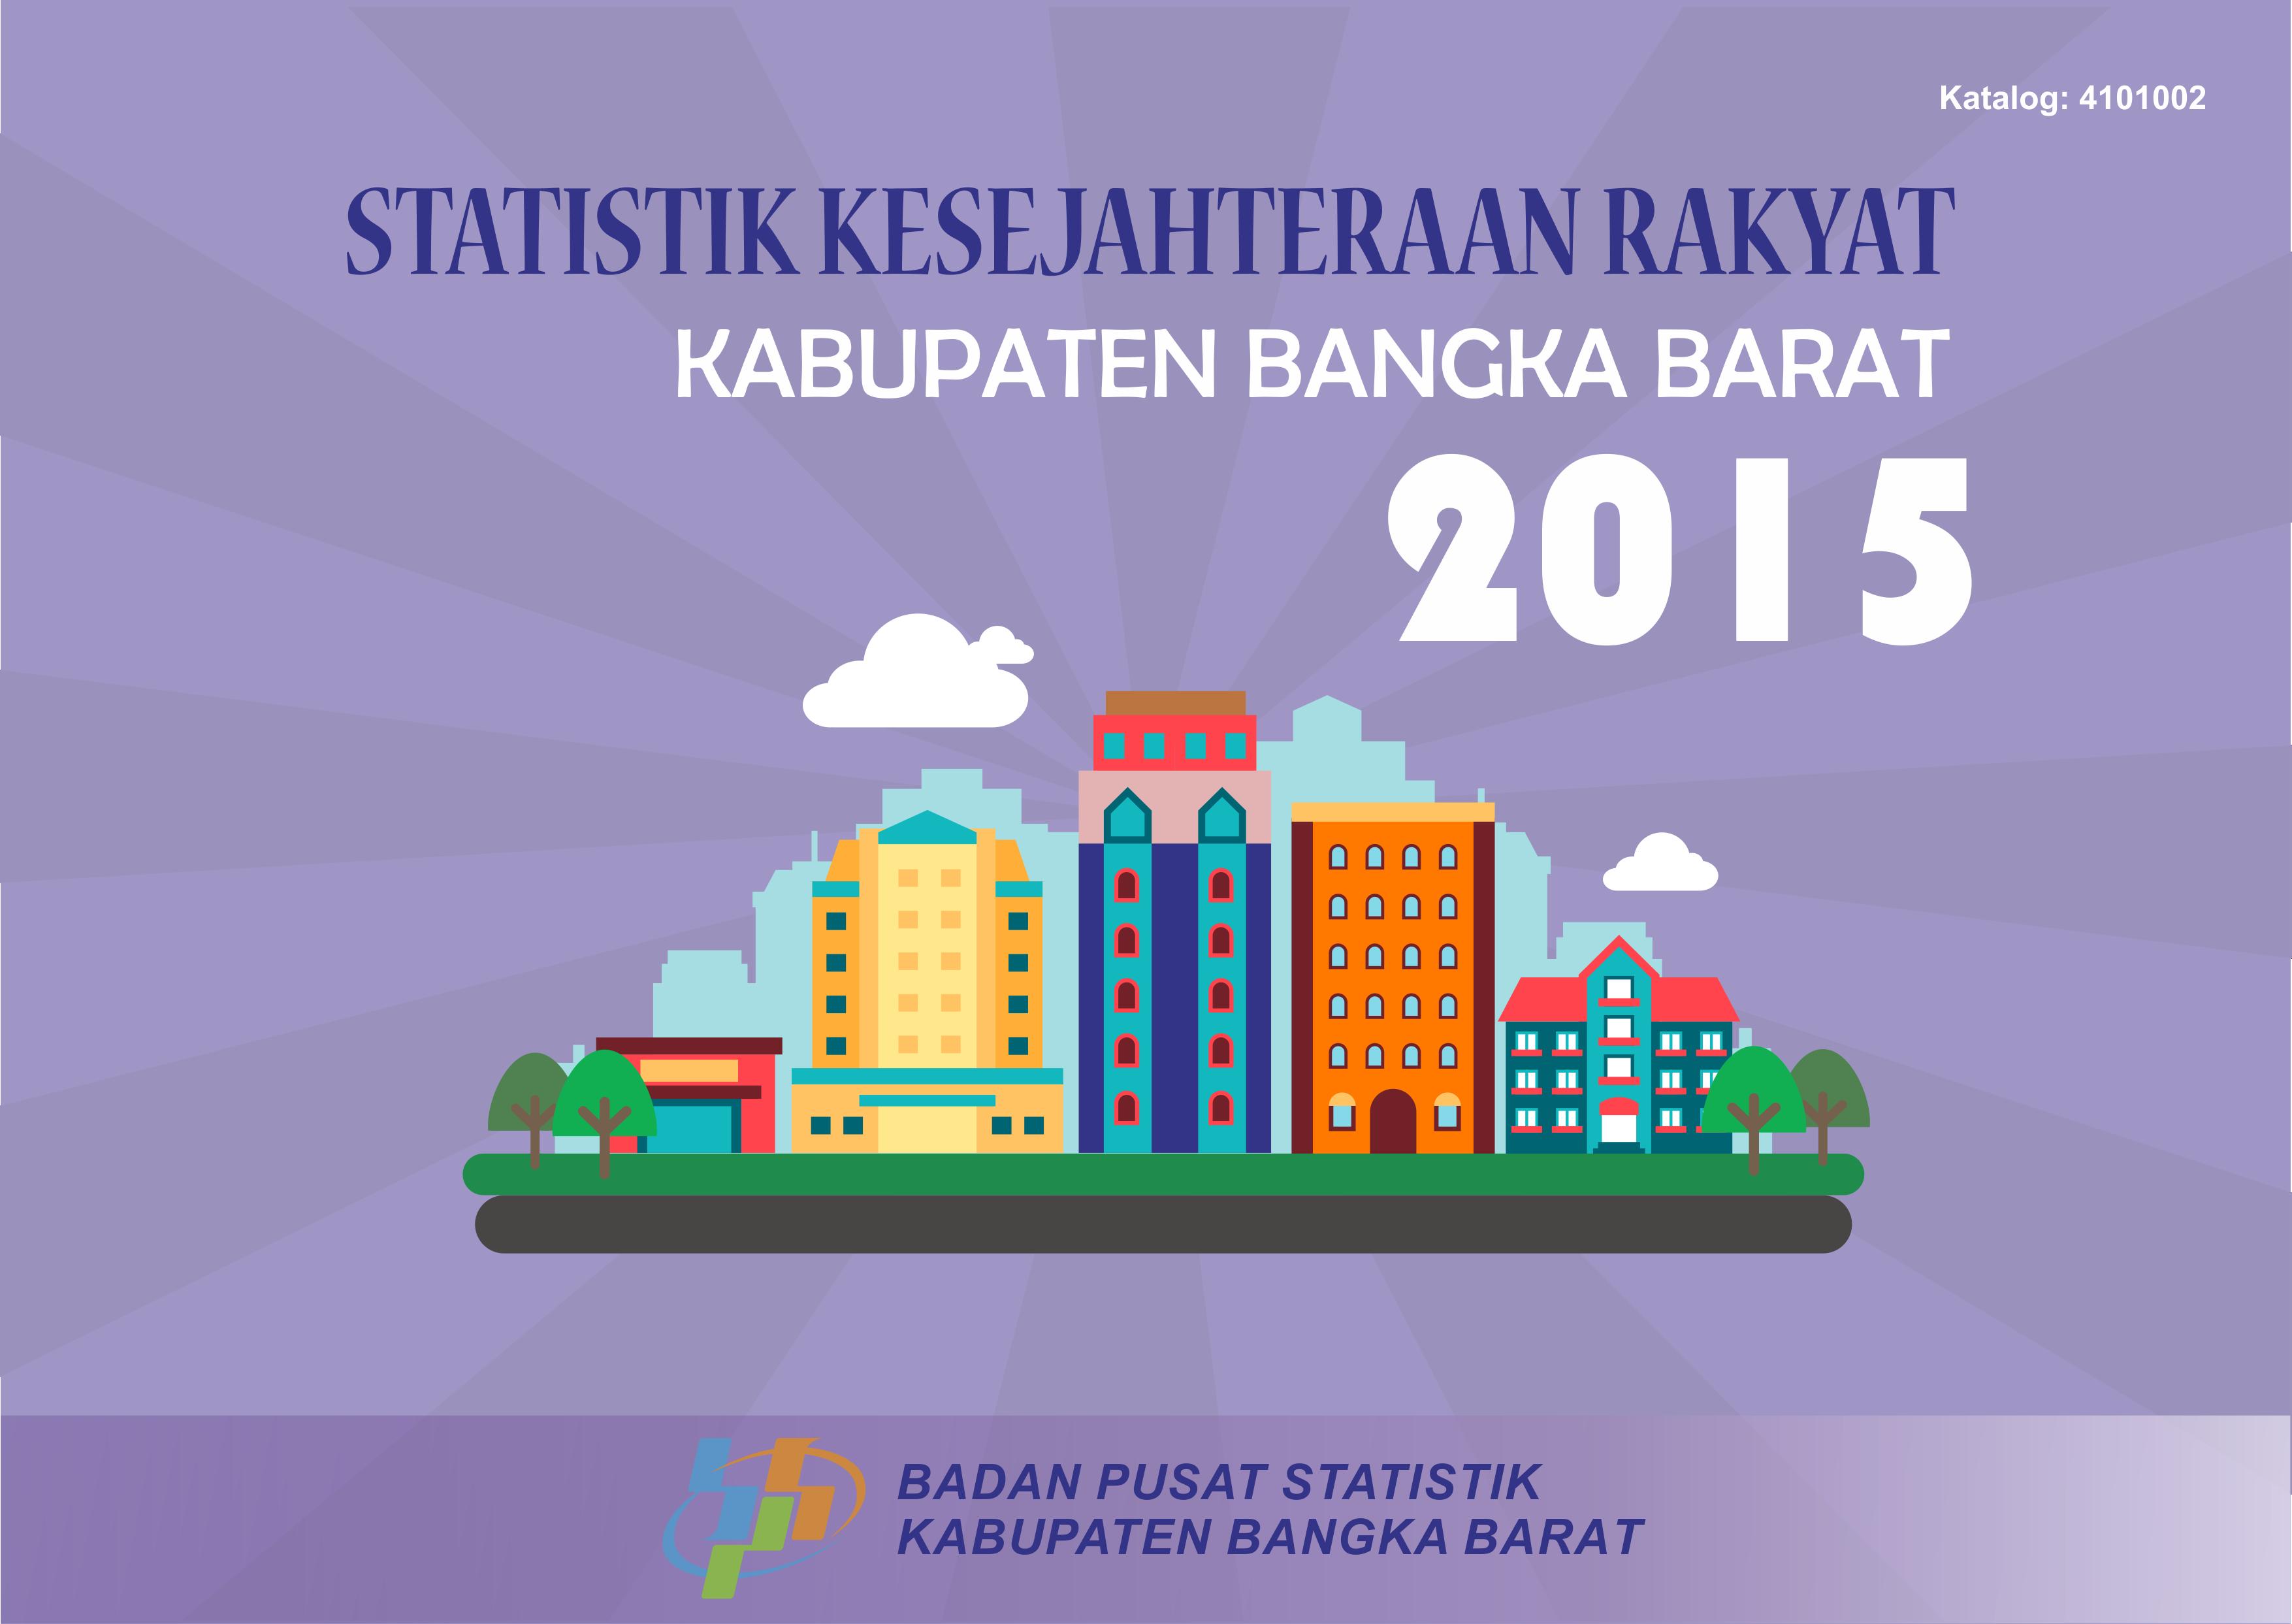 Statistik Kesejahteraan Rakyat Kabupaten Bangka Barat 2015